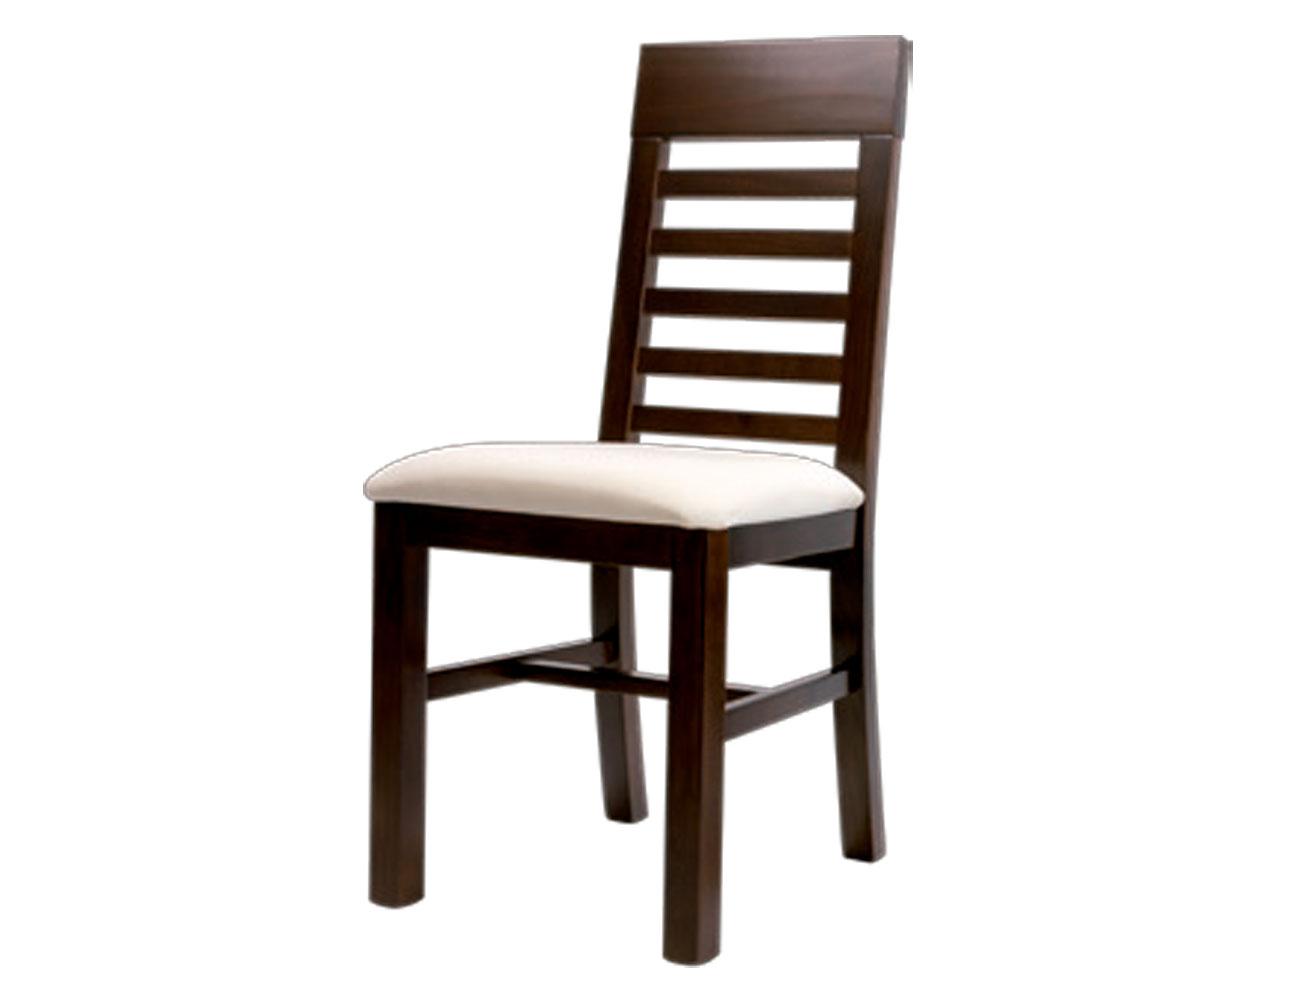 C0 54 silla madera